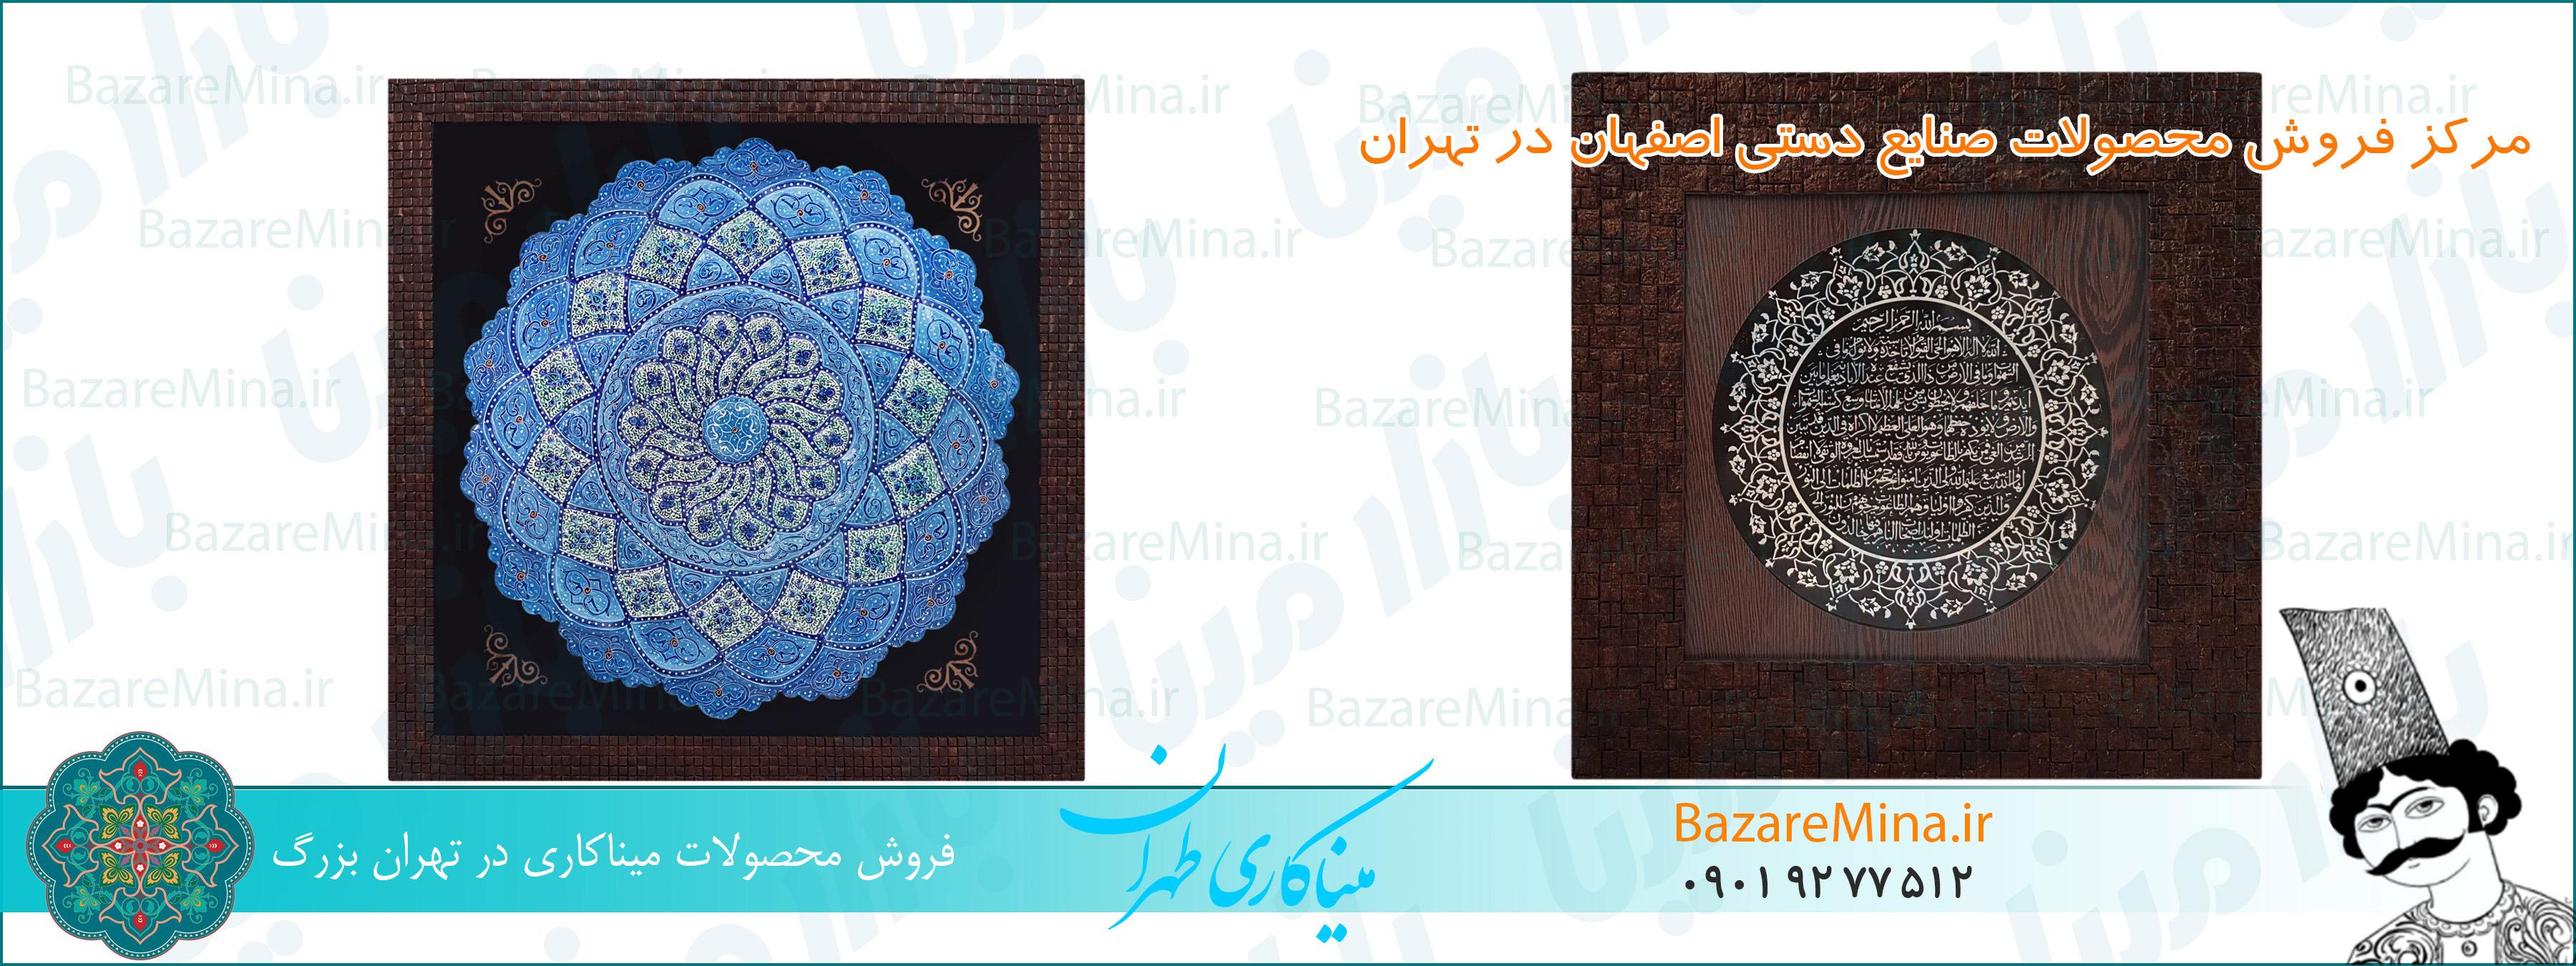 خرید صنایع دستی اصفهان در تهران